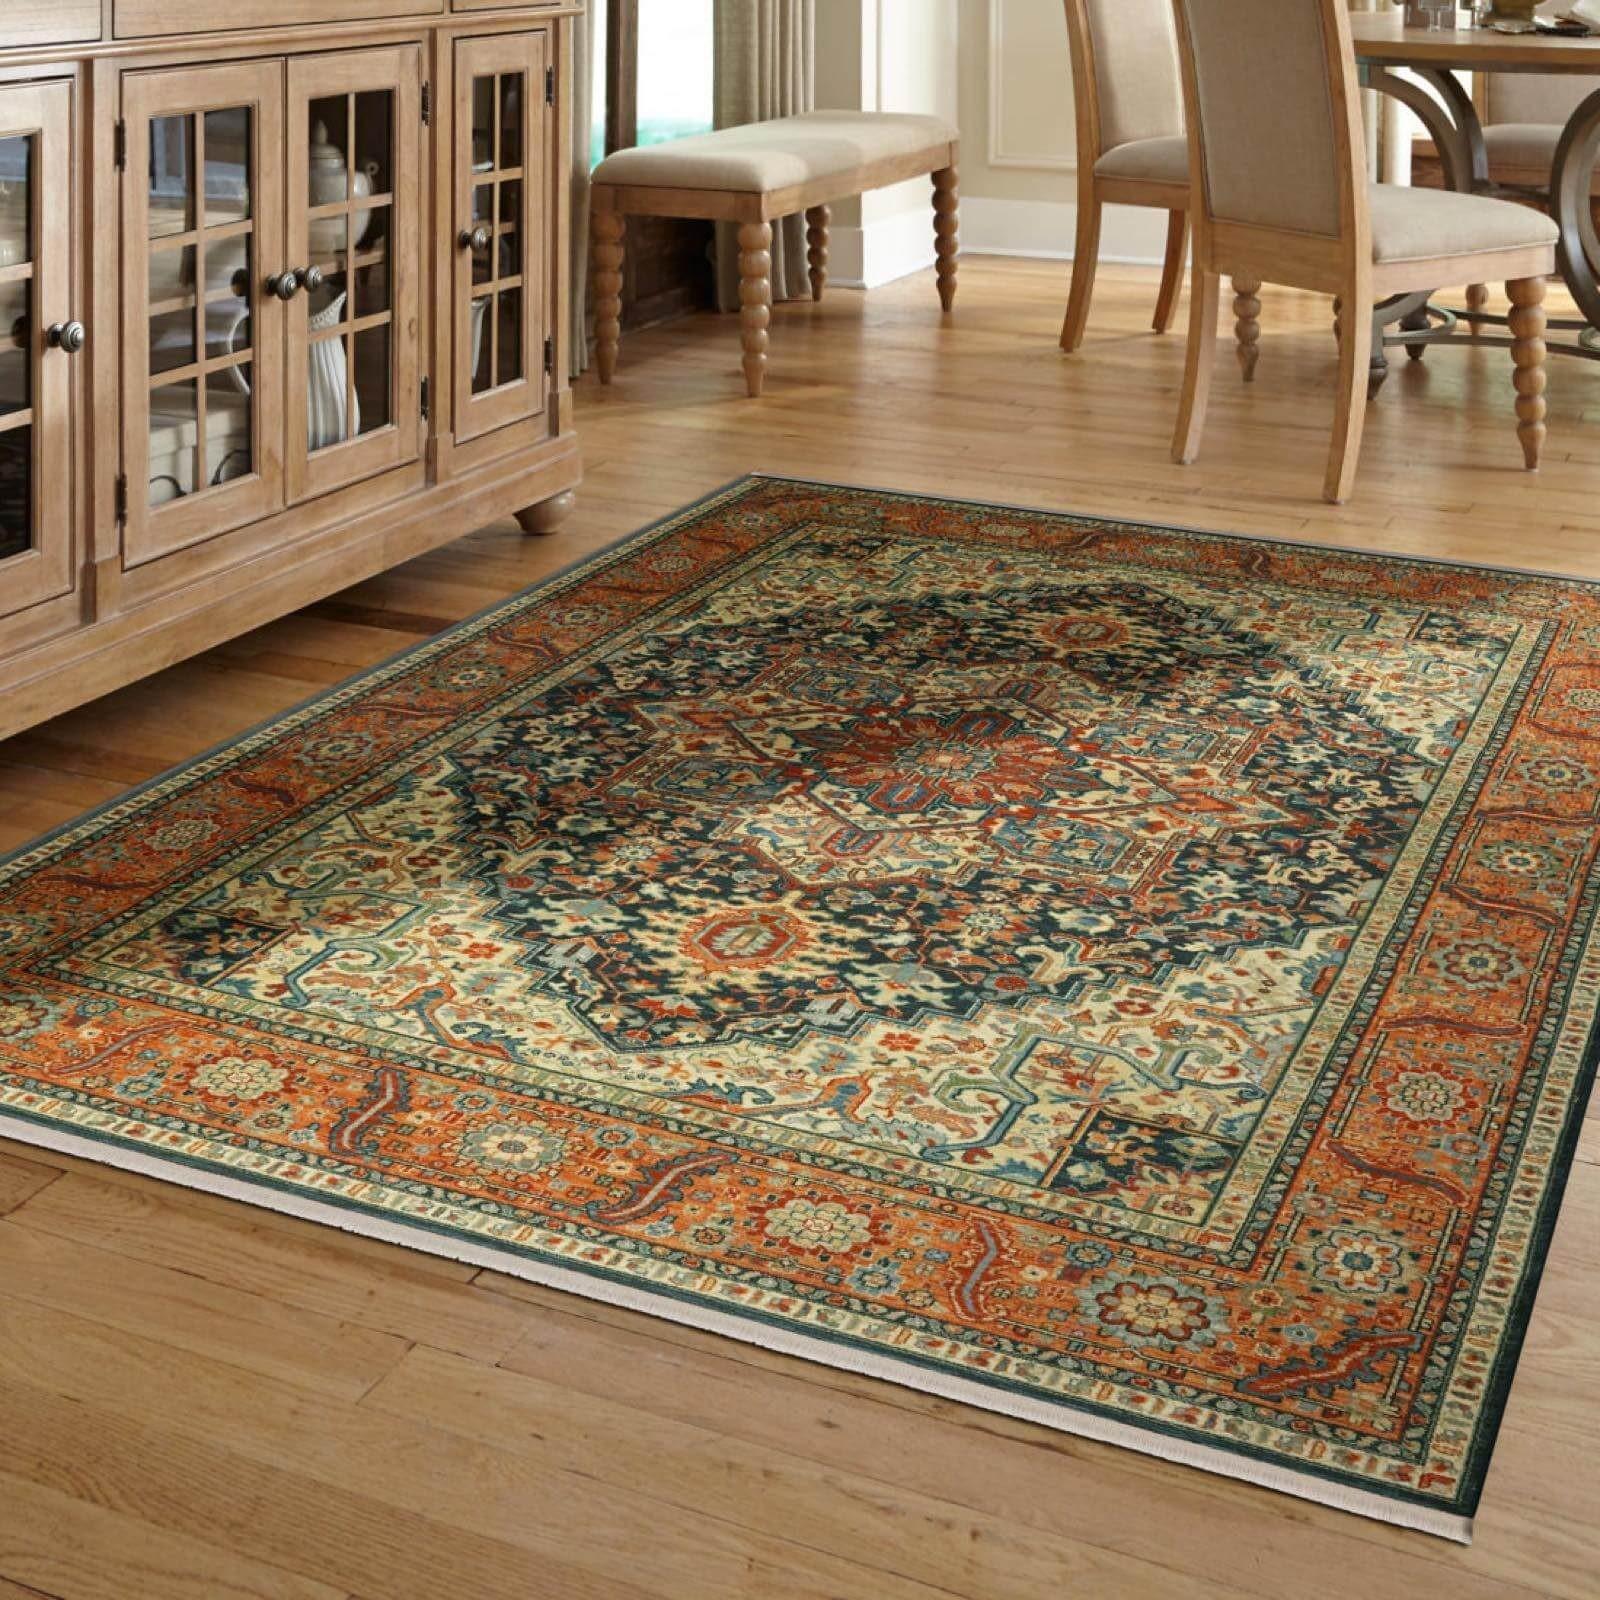 Explore Area Rugs Styles   O'Krent Floors